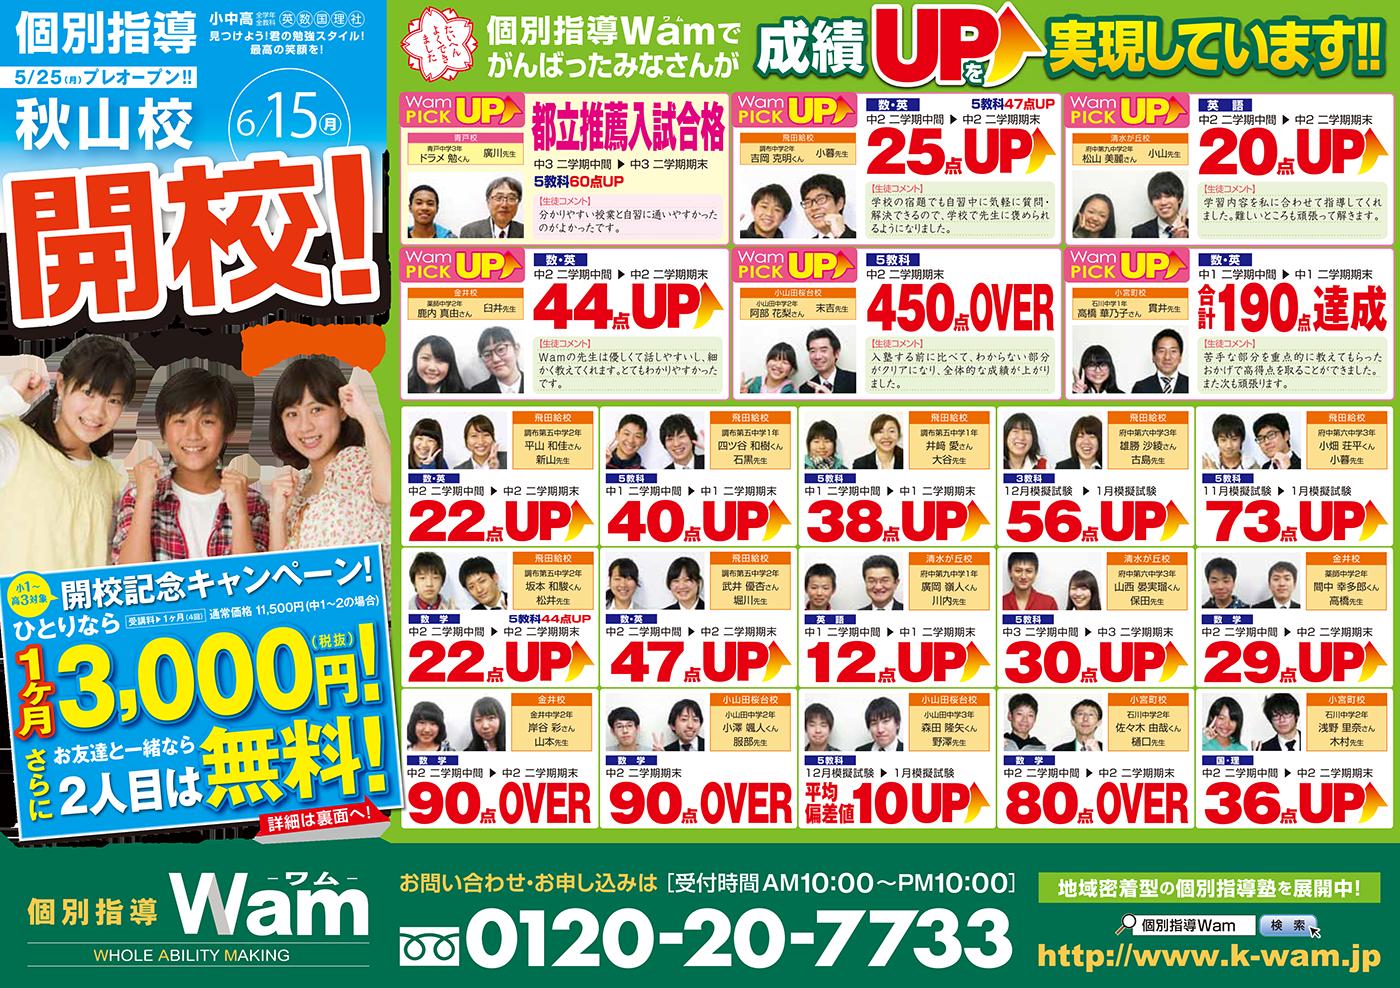 秋山校 2015年5月25日(月)プレオープン・オモテ面